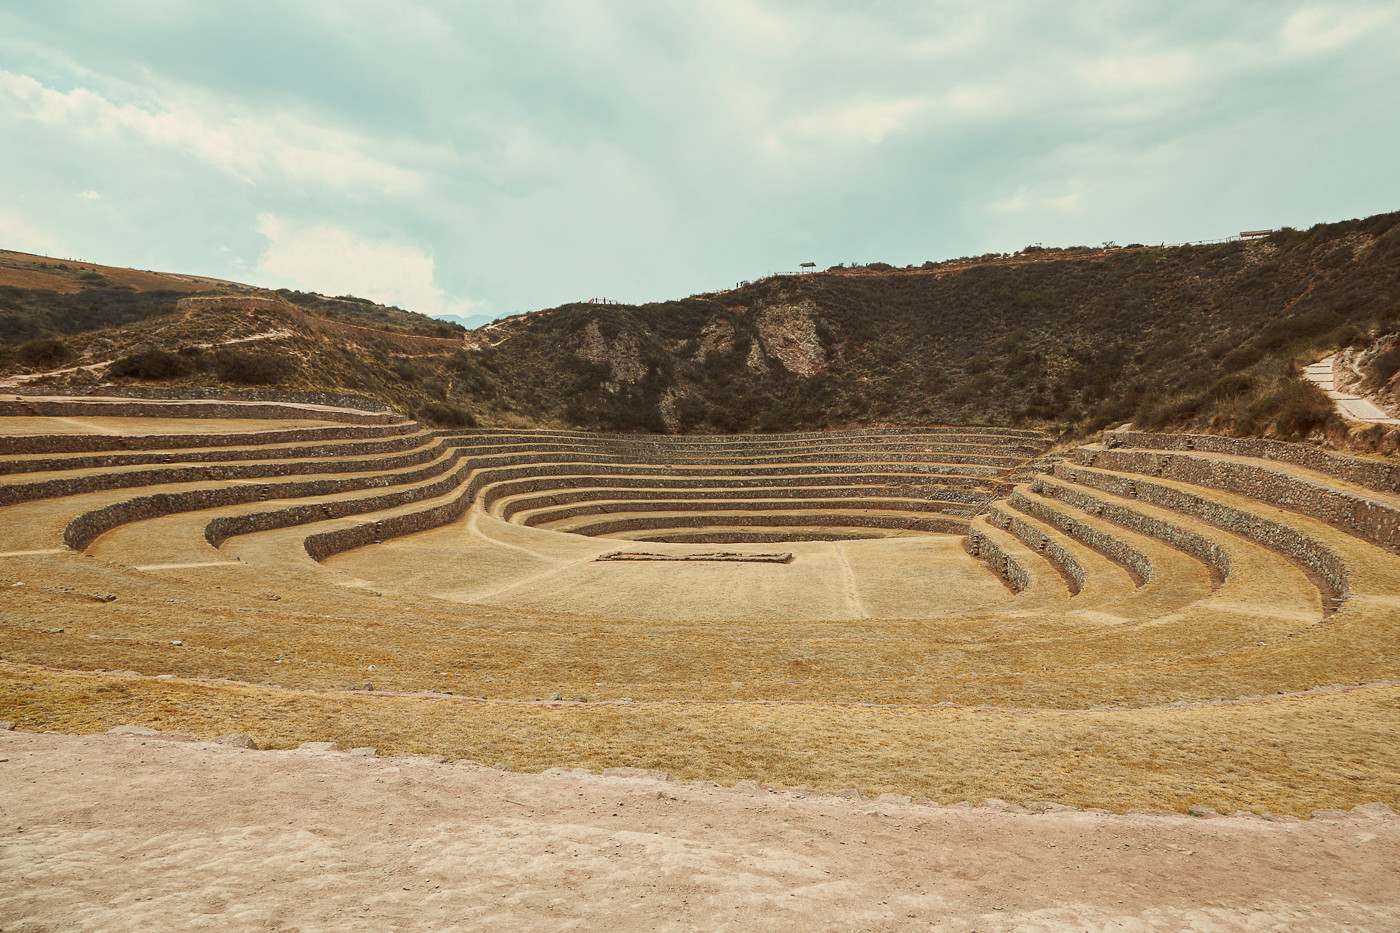 Die Inka Kultur zu ihrer Hochzeit. Warum nur hier die Terrassen rund angelegt sind, weiss man bis heute noch nicht genau